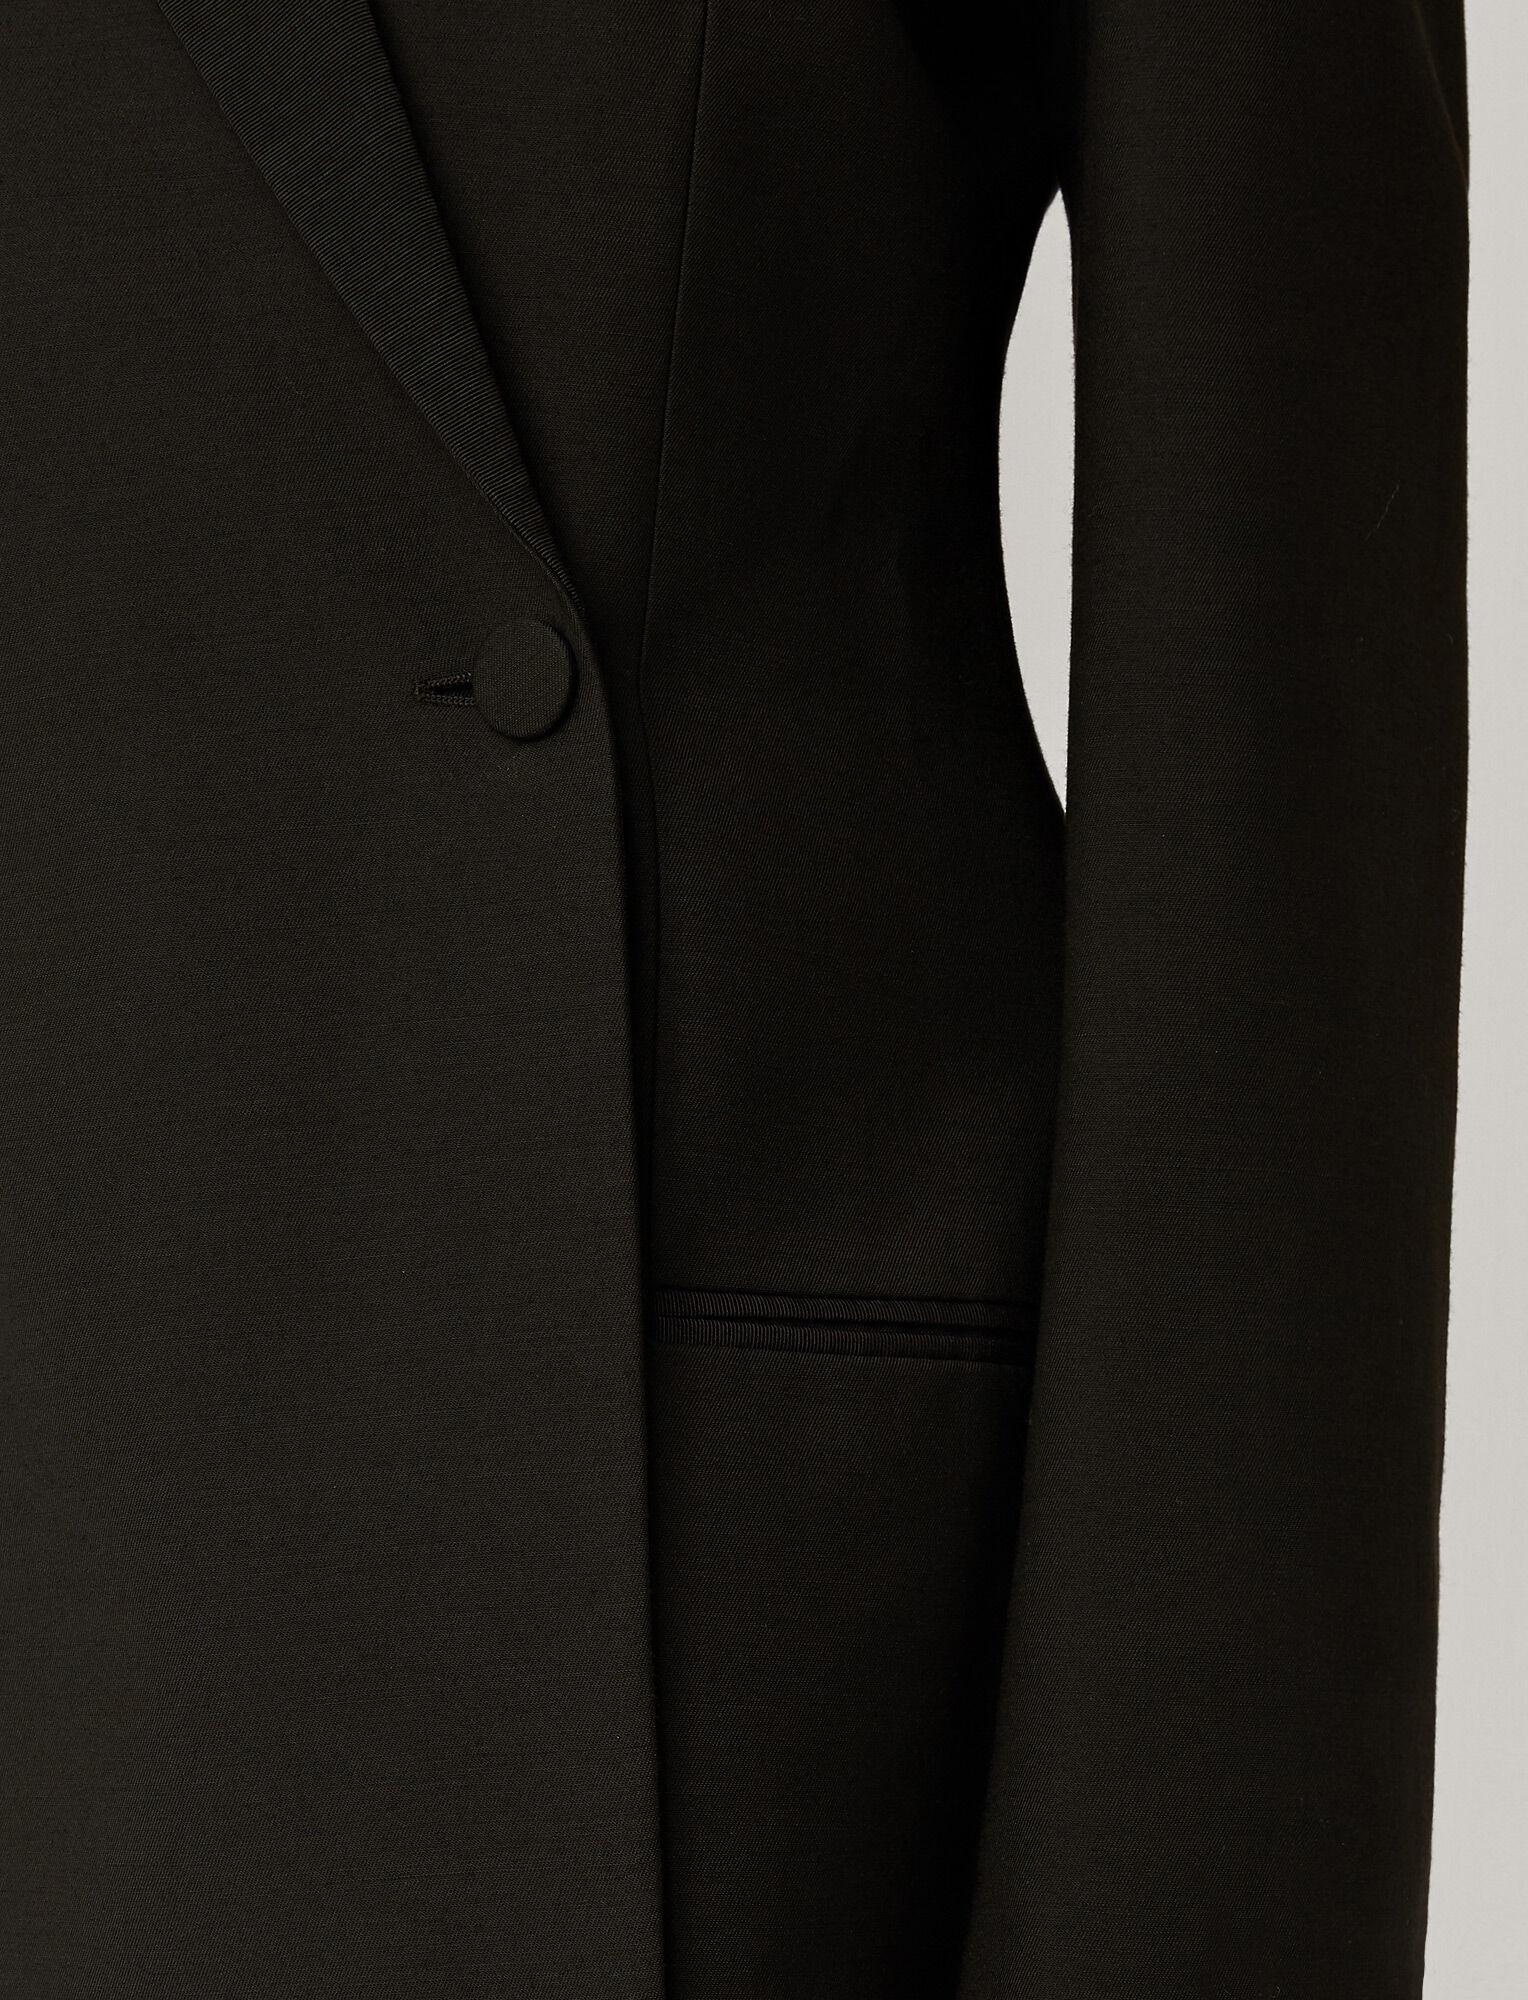 Joseph, Wool Silk Tux Joplin Jacket, in BLACK